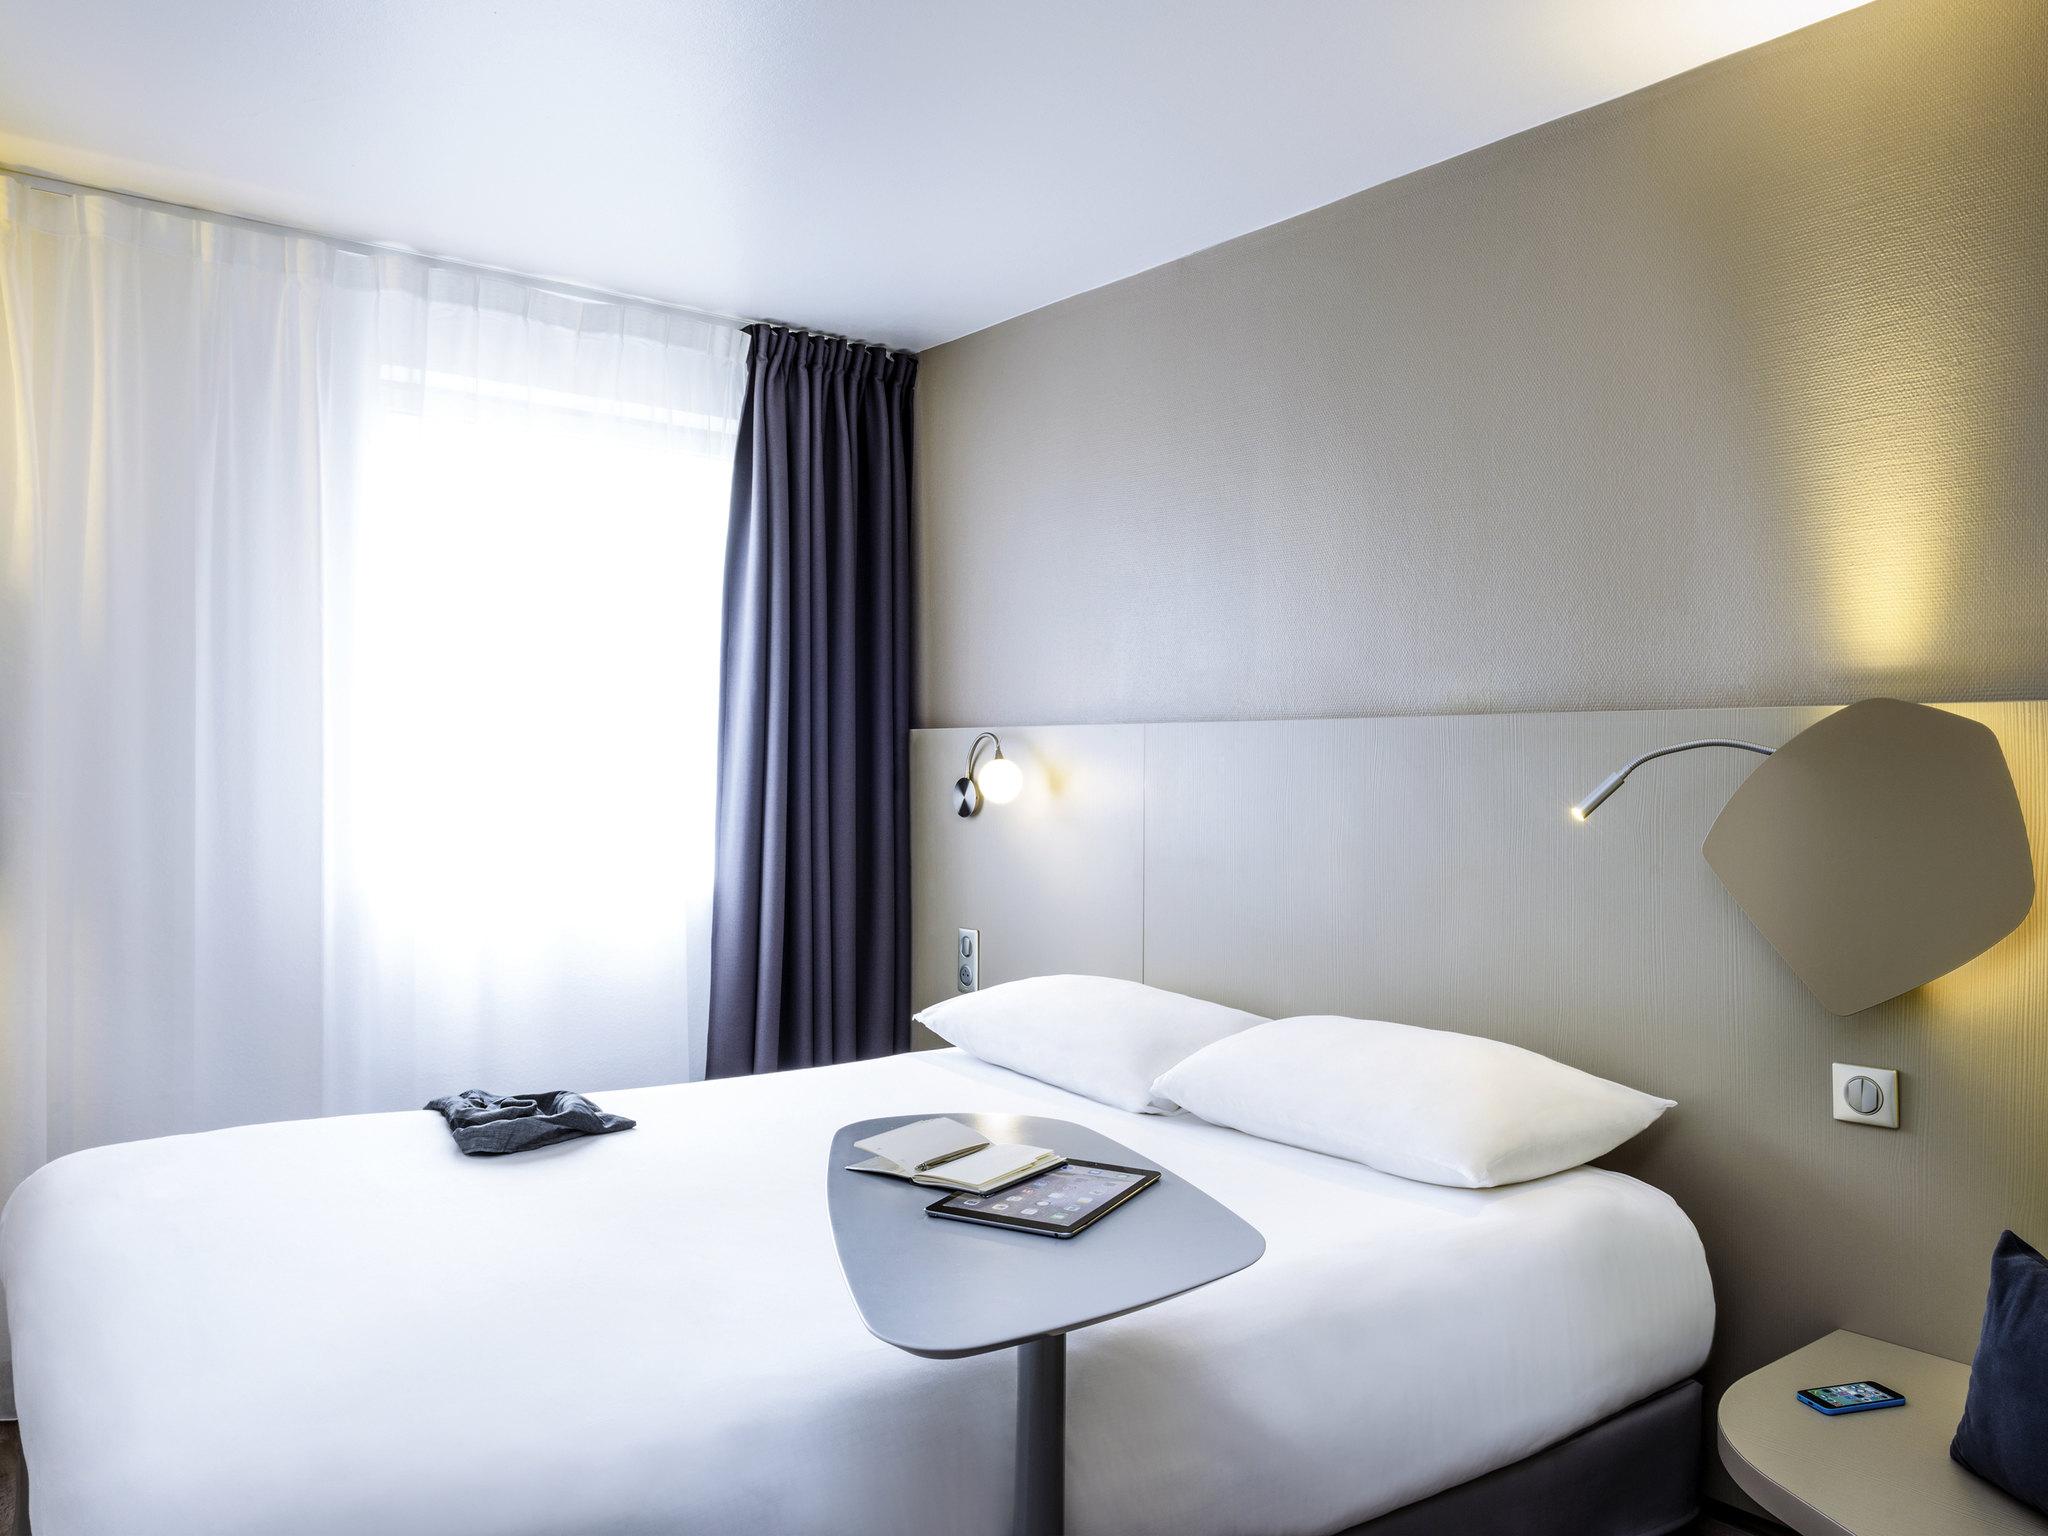 โรงแรม – ไอบิส สไตล์ ปารีส แบร์ซี